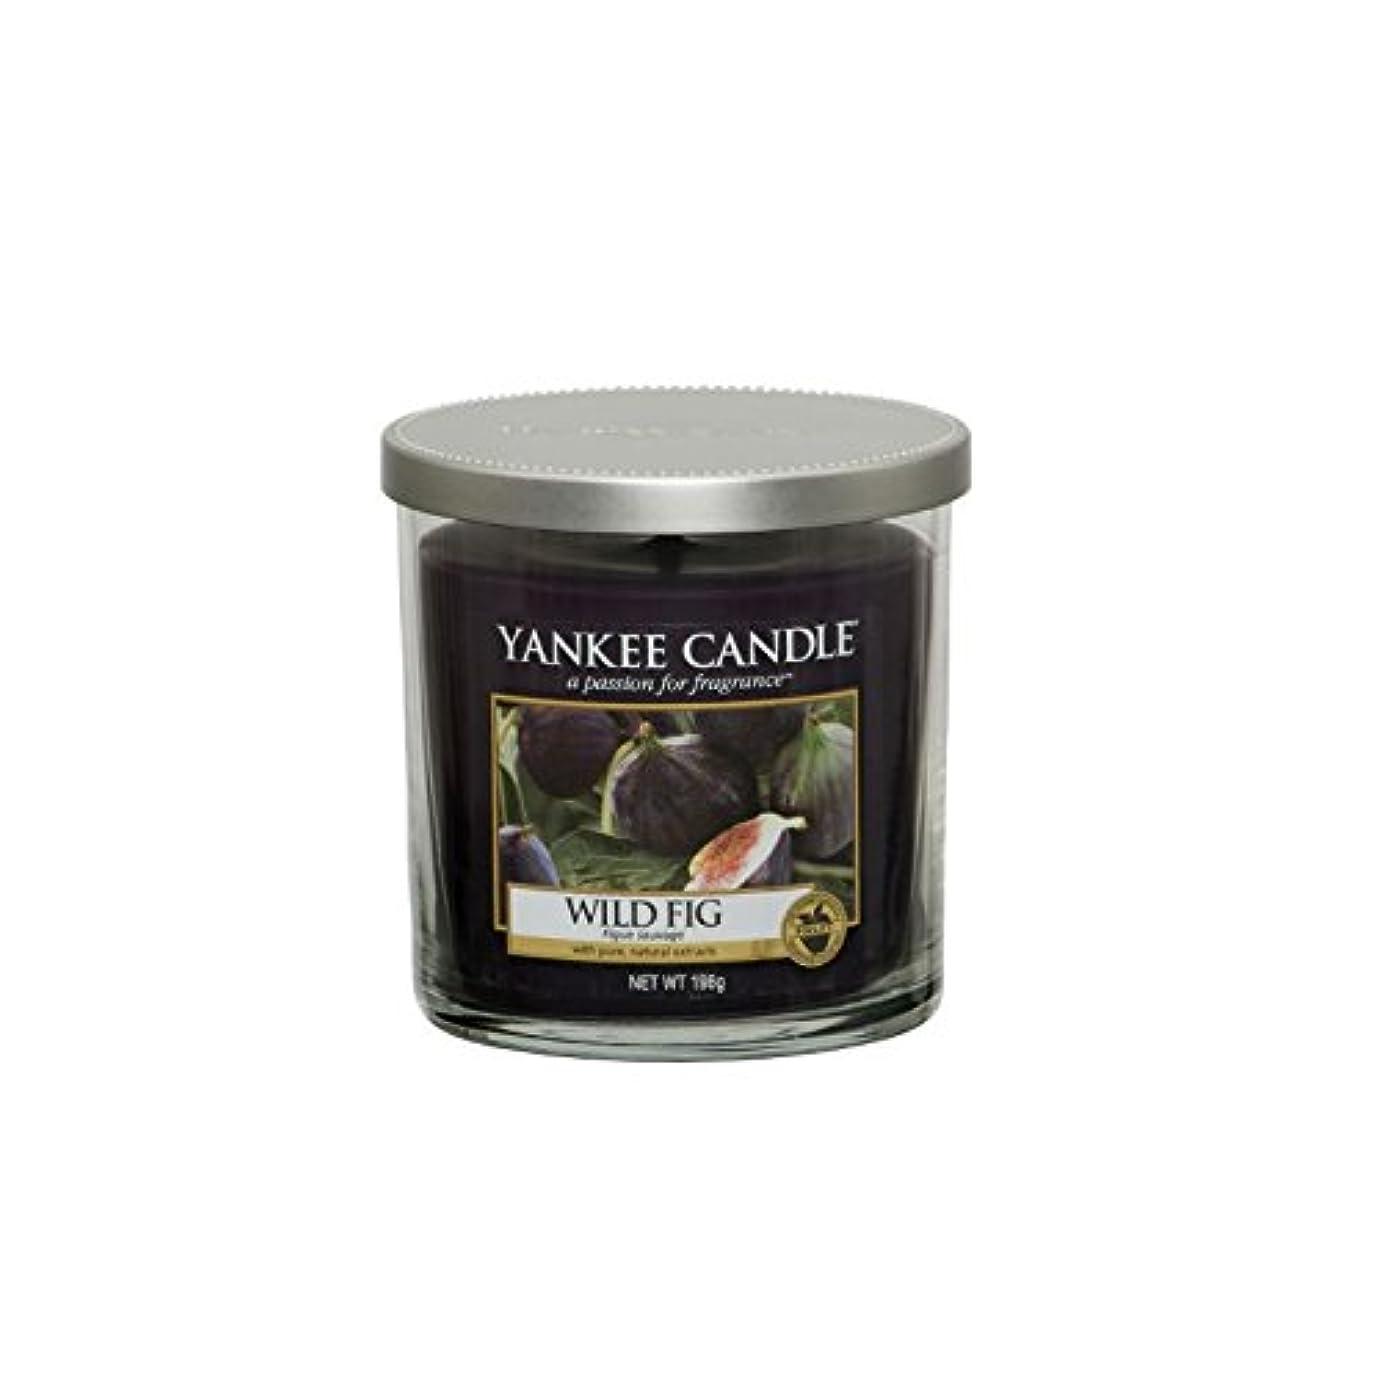 プレビスサイトめる堀ヤンキーキャンドルの小さな柱キャンドル - 野生のイチジク - Yankee Candles Small Pillar Candle - Wild Fig (Yankee Candles) [並行輸入品]